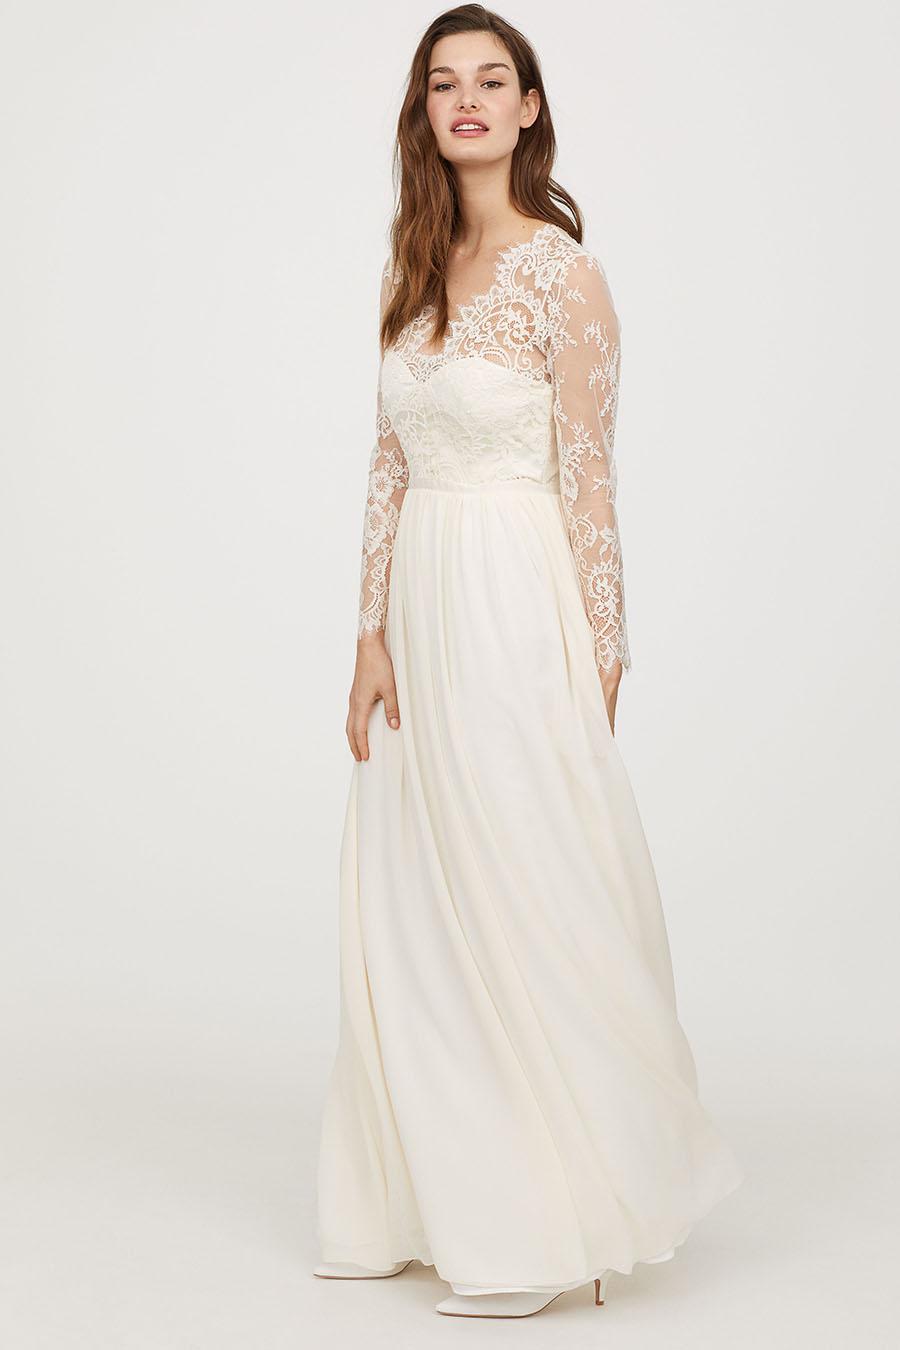 bajo precio fff0d 5ebaf Vestidos de novia baratos: H&M, tu mejor opción - InStyle